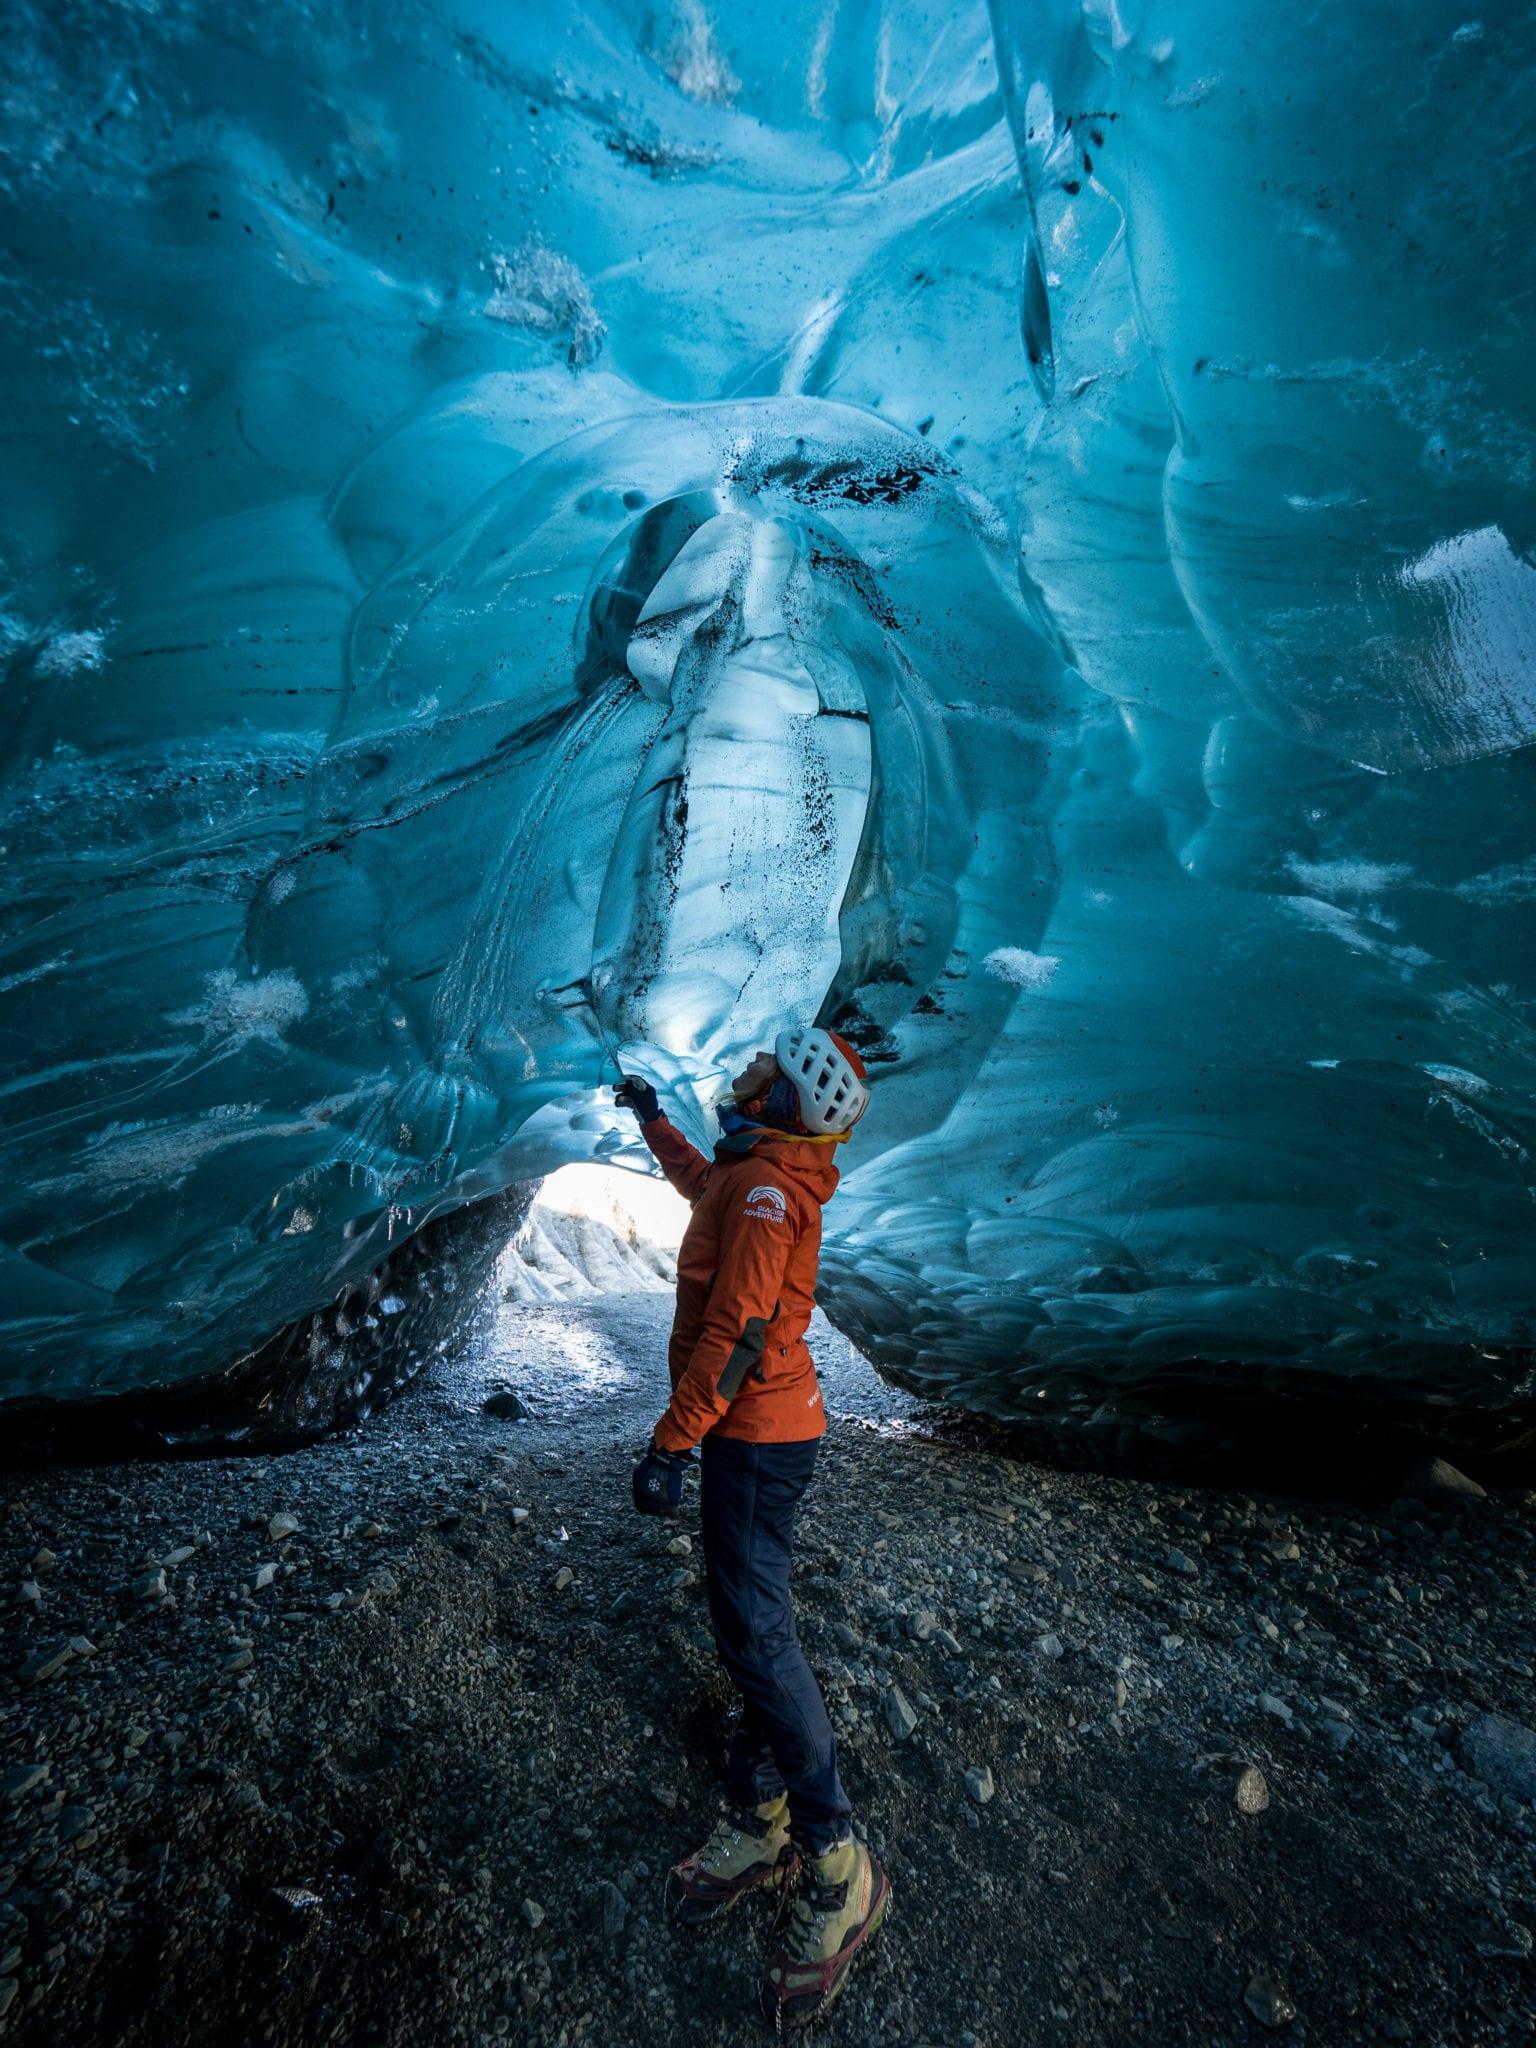 Blue Ice Cave Adventure Iceland Vatnajökull Glacier Lagoon